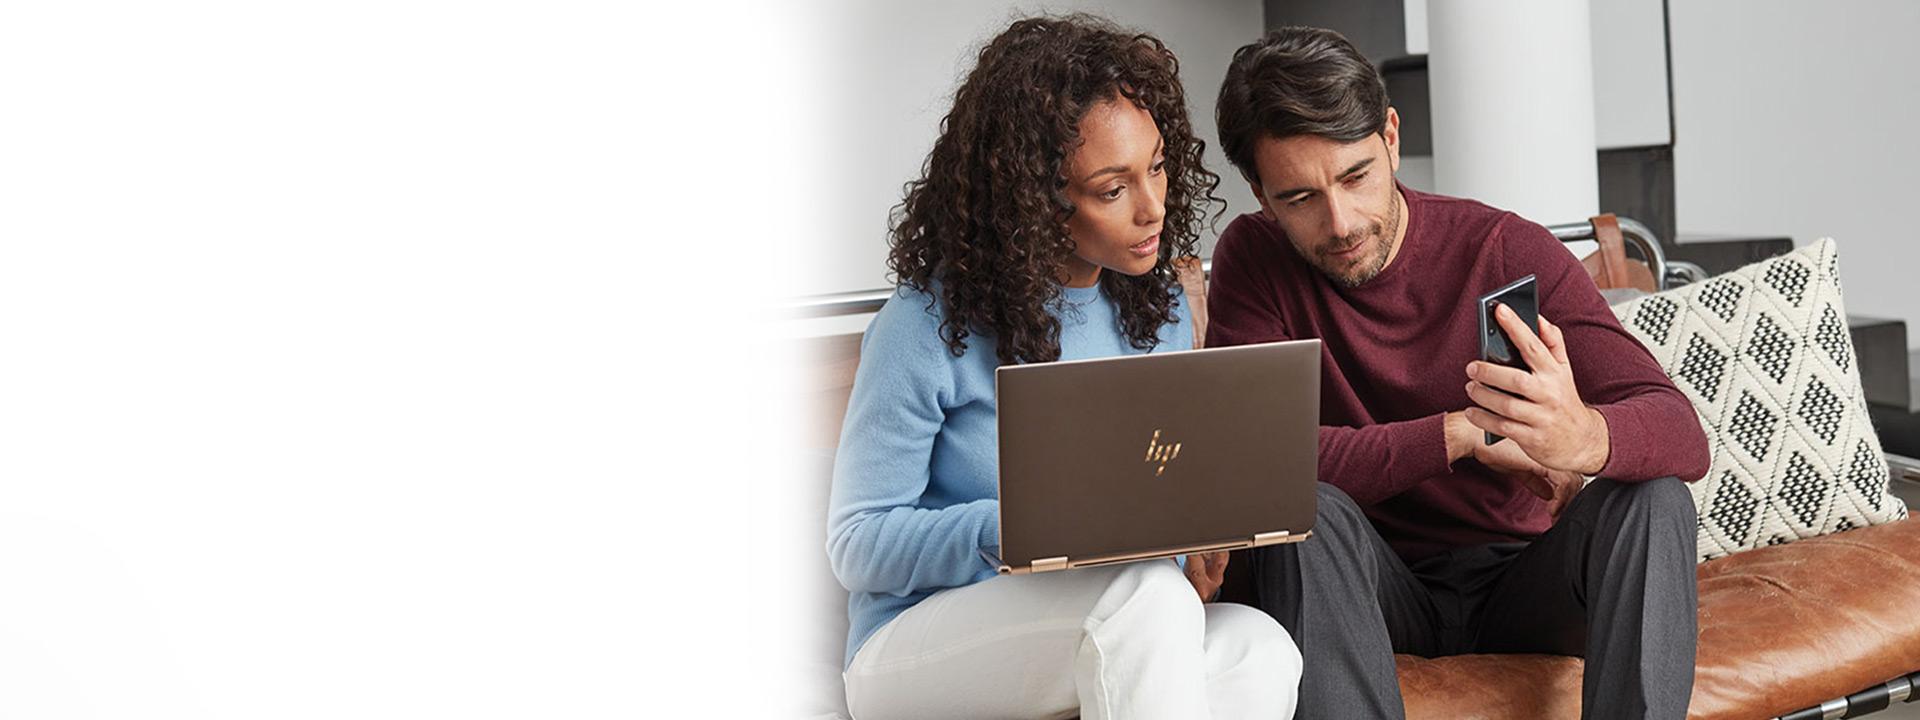 Mulher e homem sentados no sofá olham juntos para um notebook e um dispositivo móvel com Windows 10